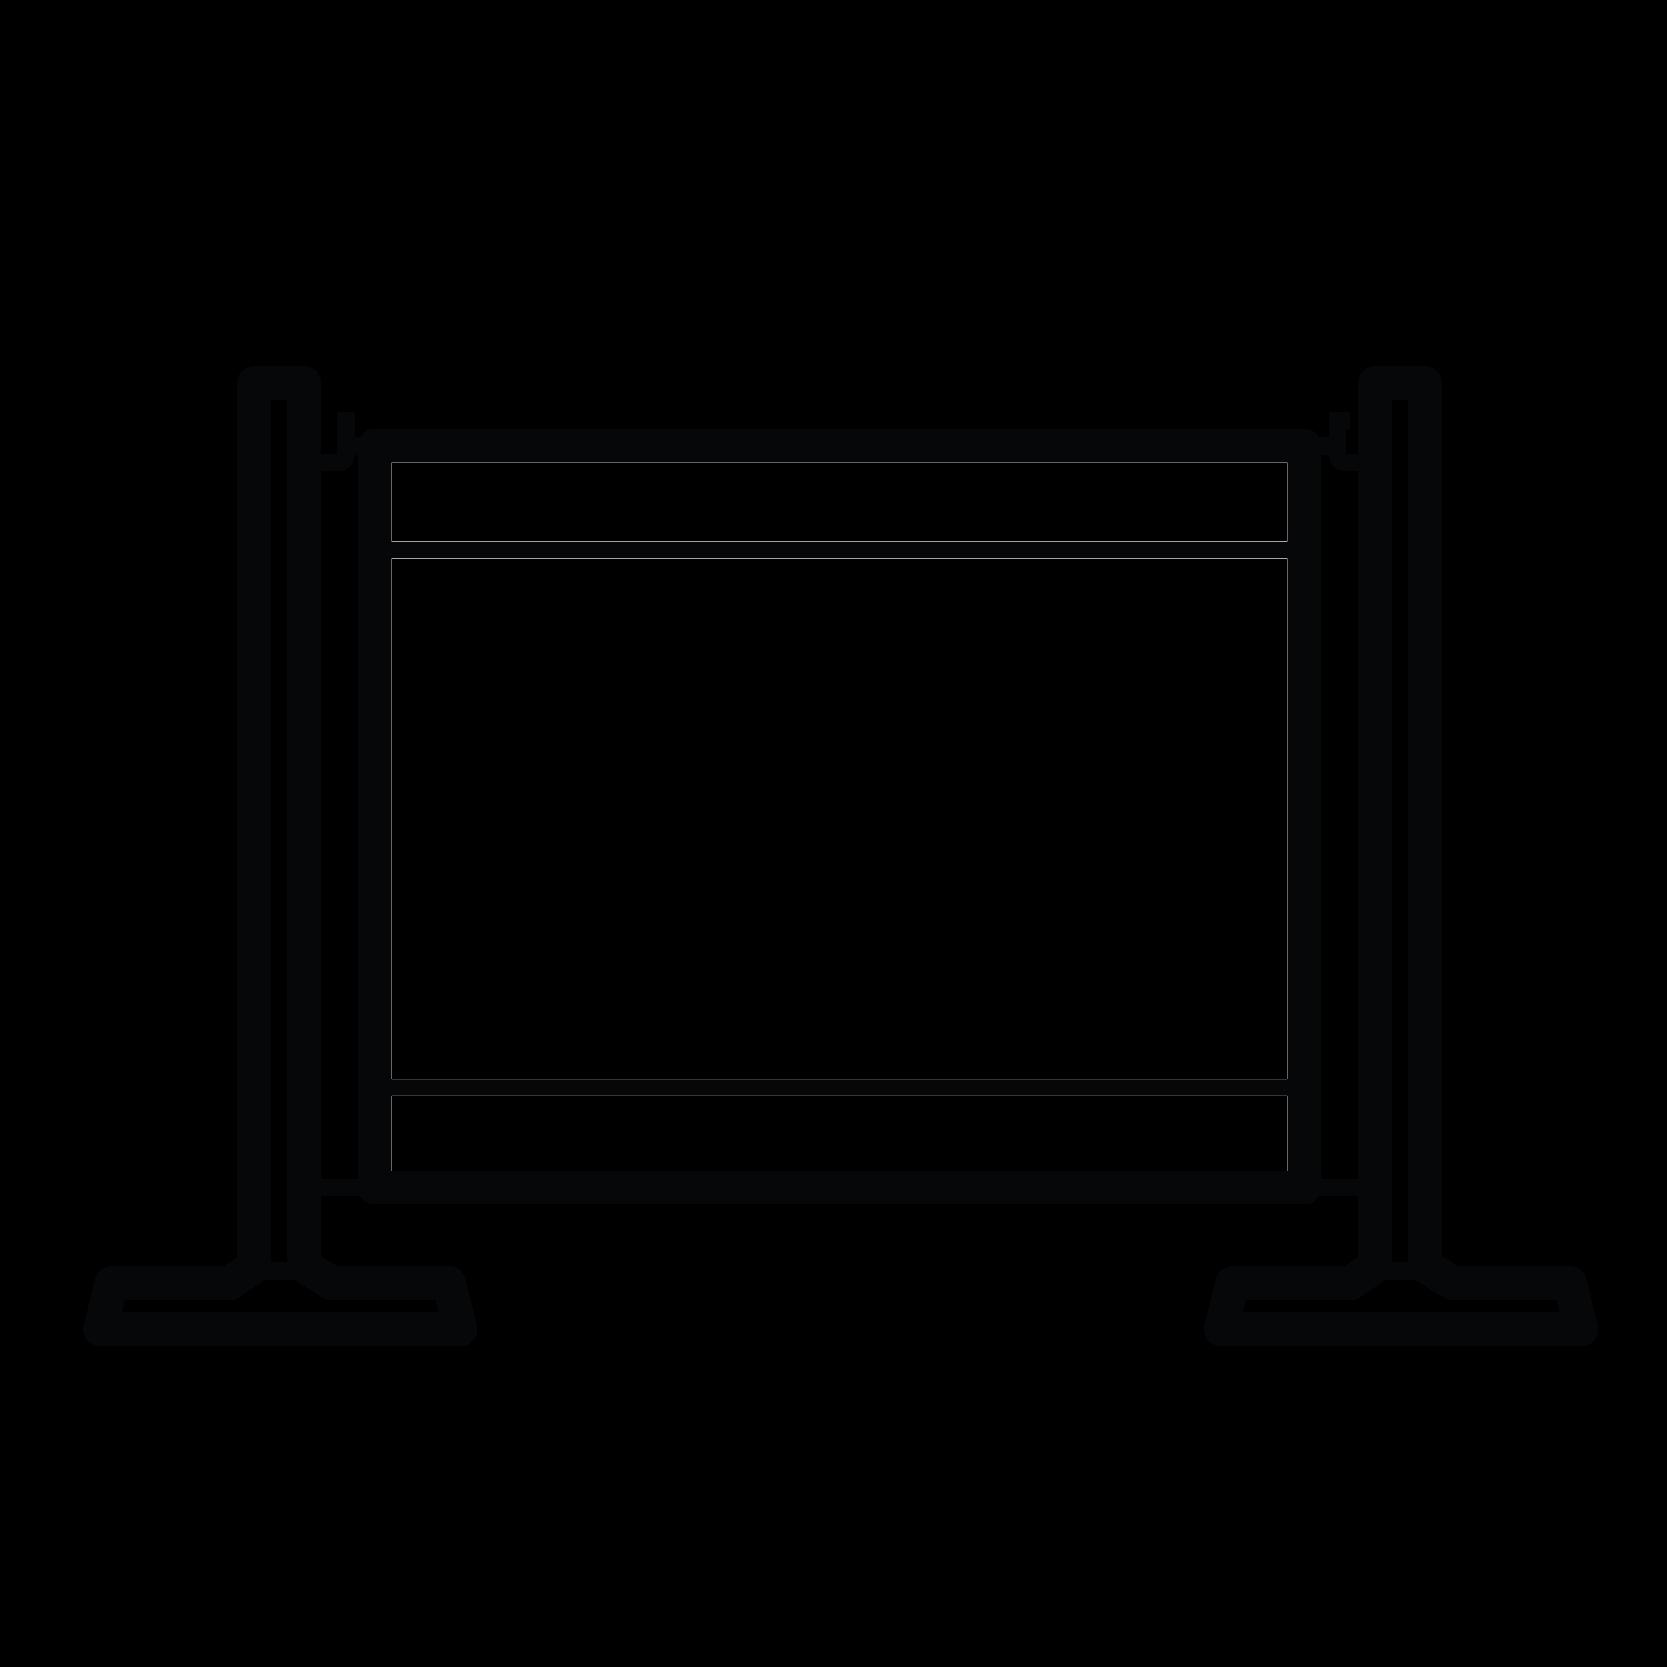 Zaun - Ikone